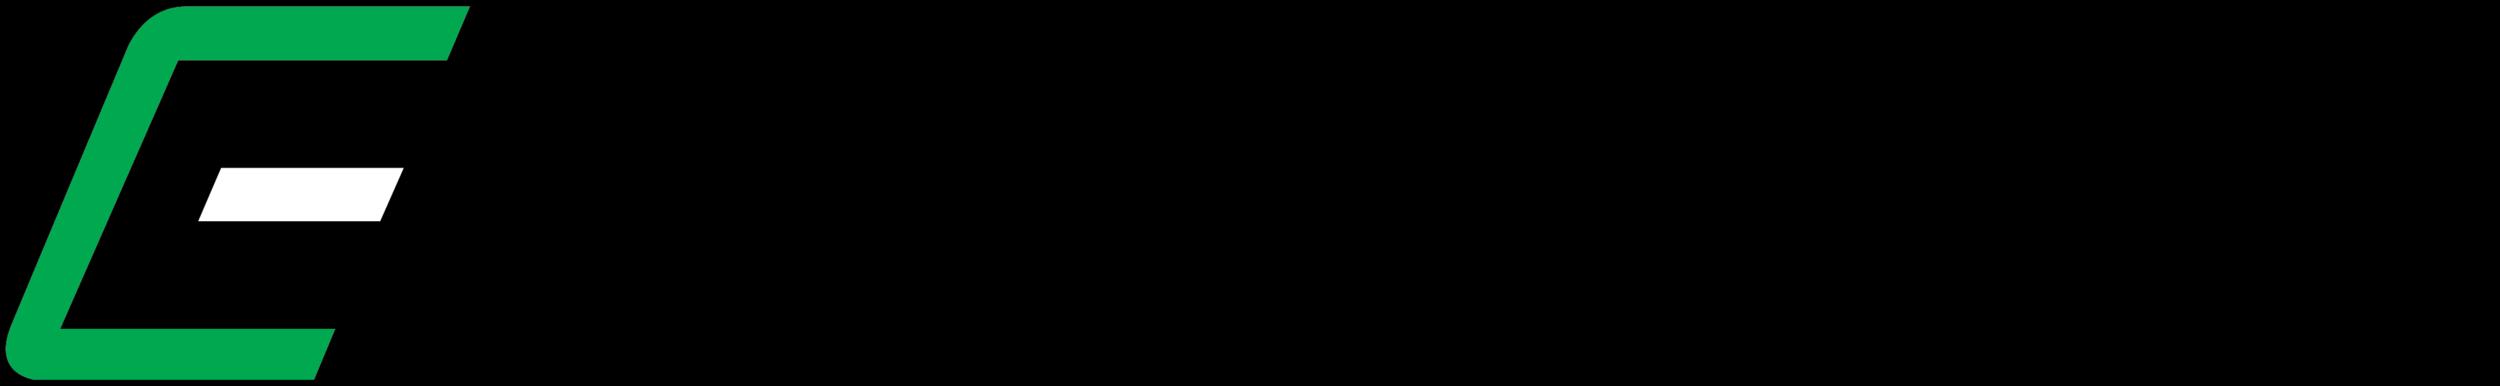 EControls logo color.png